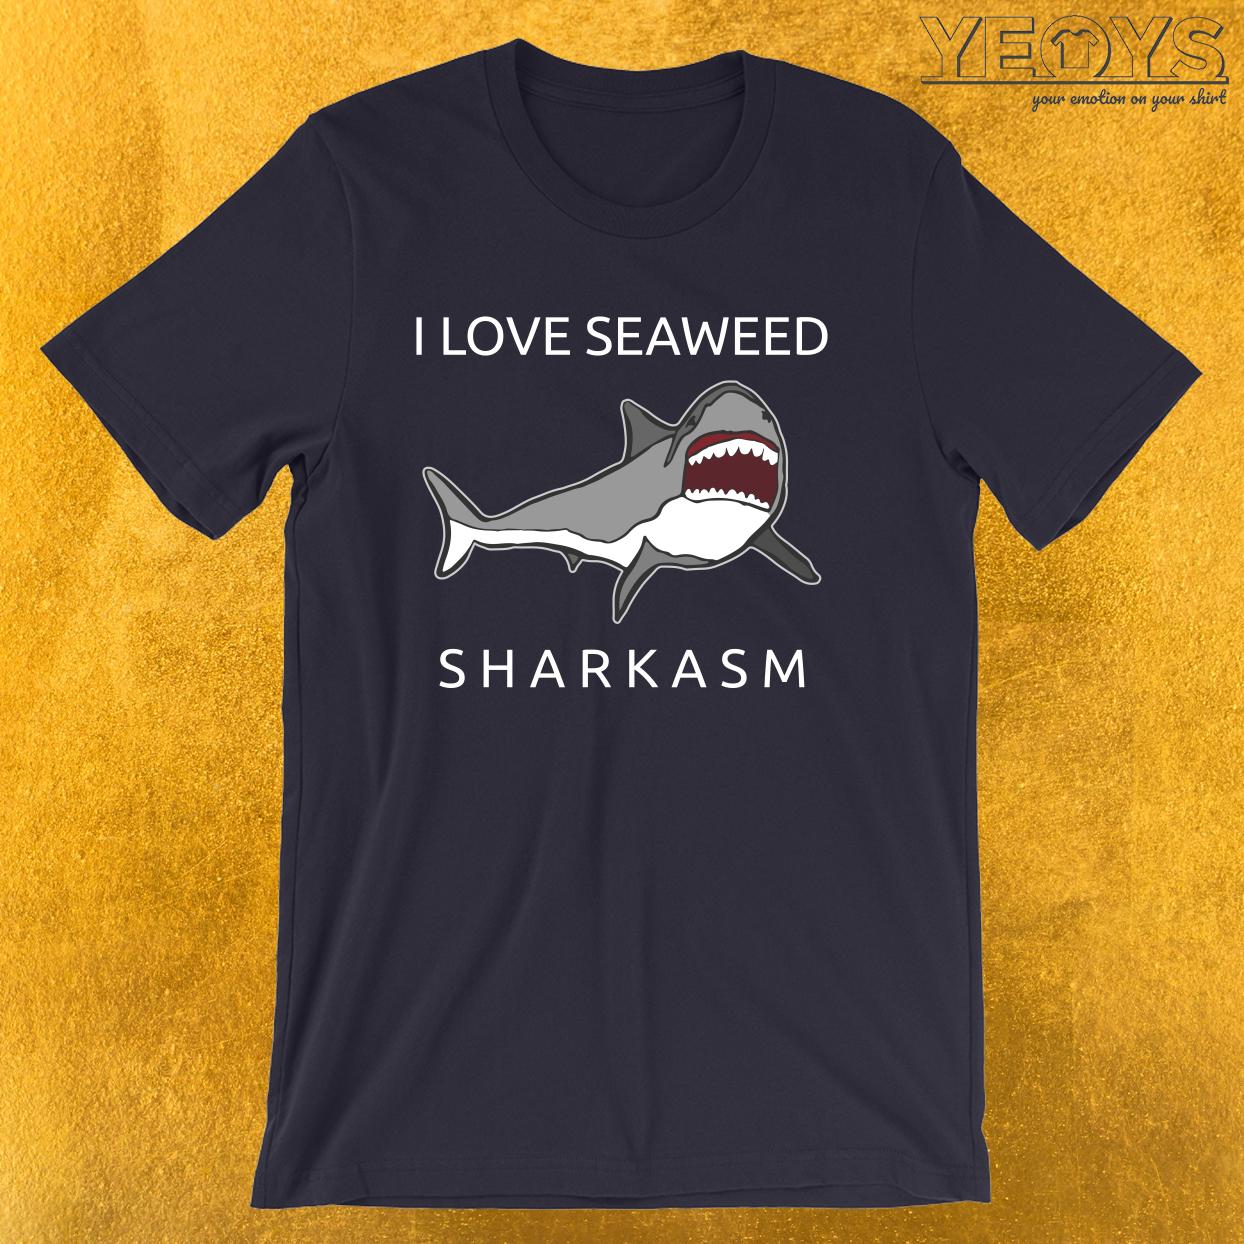 Funny Shark Pun – I Love Seaweed Sharkasm Tee